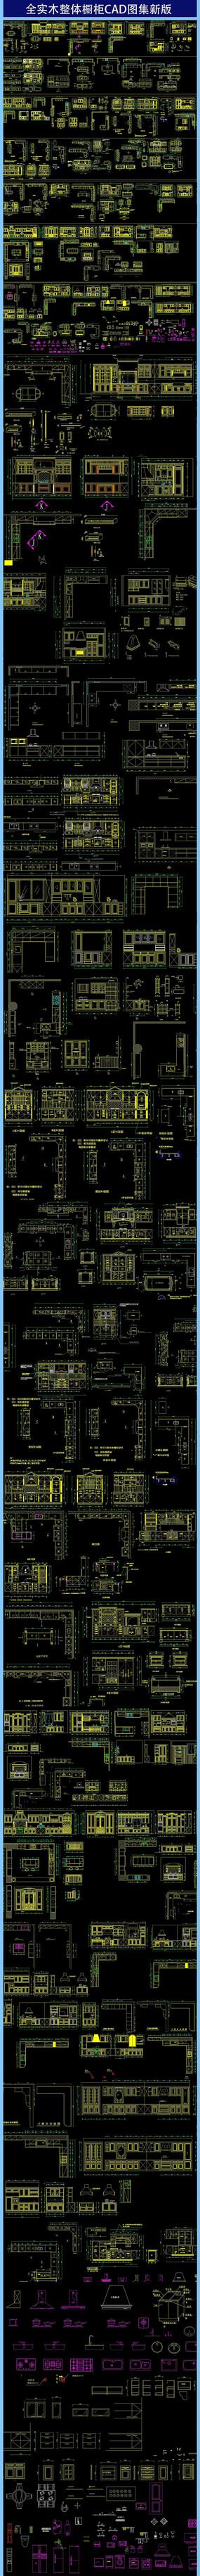 全实木整体橱柜CAD图集新版